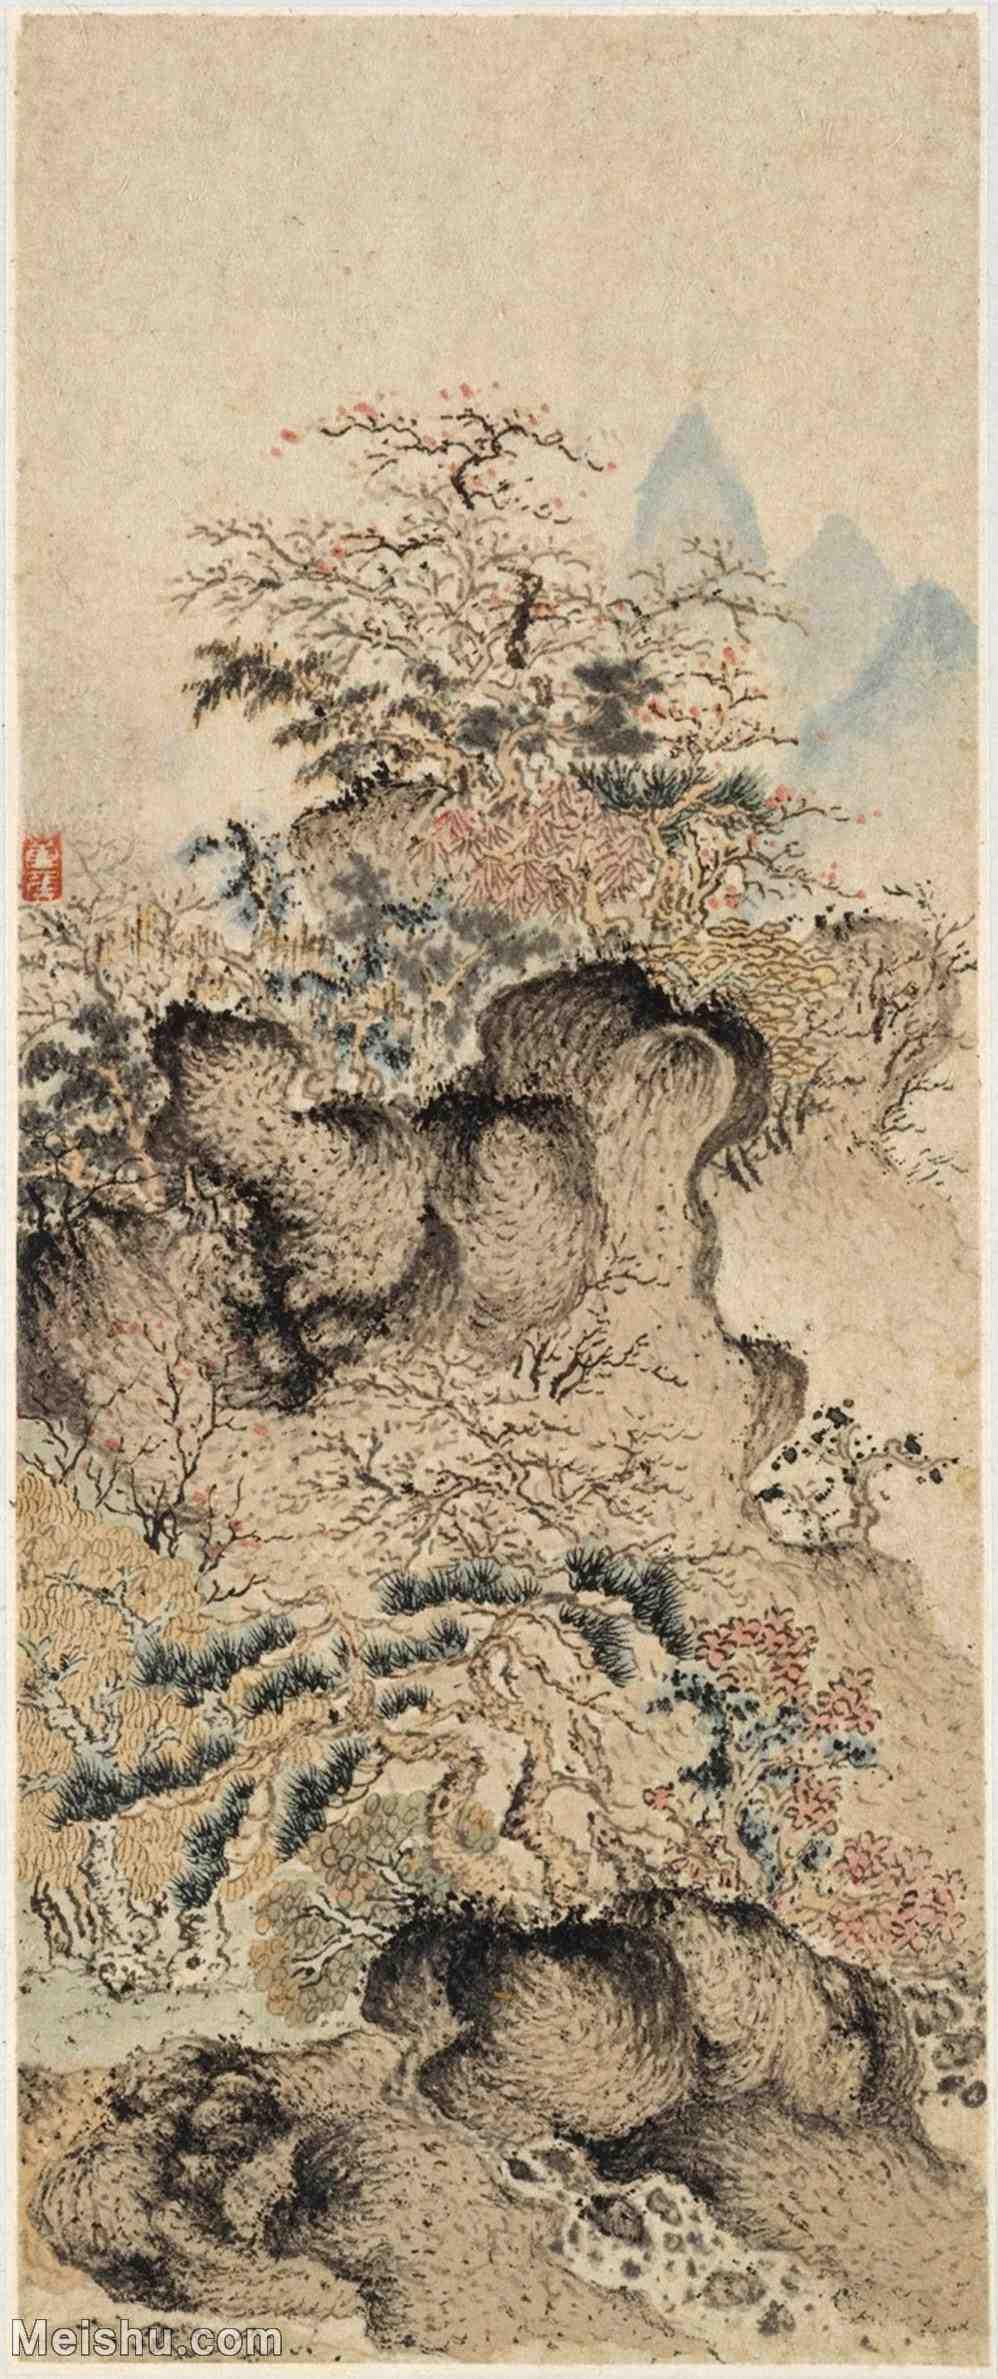 【欣赏级】GH6060617古画山水物件花卉册07册页图片-15M-1500X3571_13734624.jpg